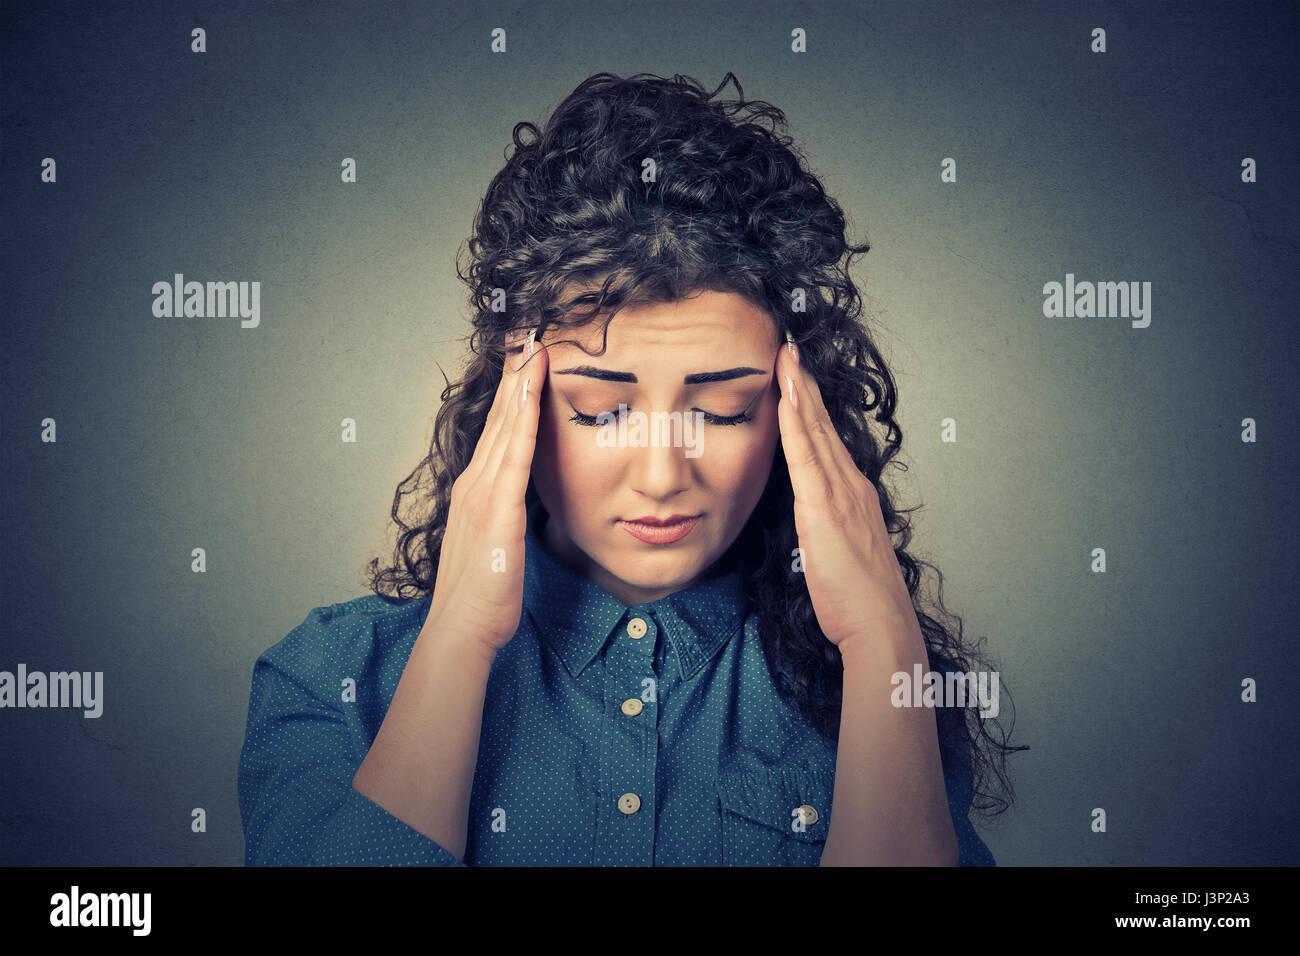 Triste closeup donna giovane con preoccupato ha sottolineato faccia avente espressione cefalea isolata sul muro Immagini Stock